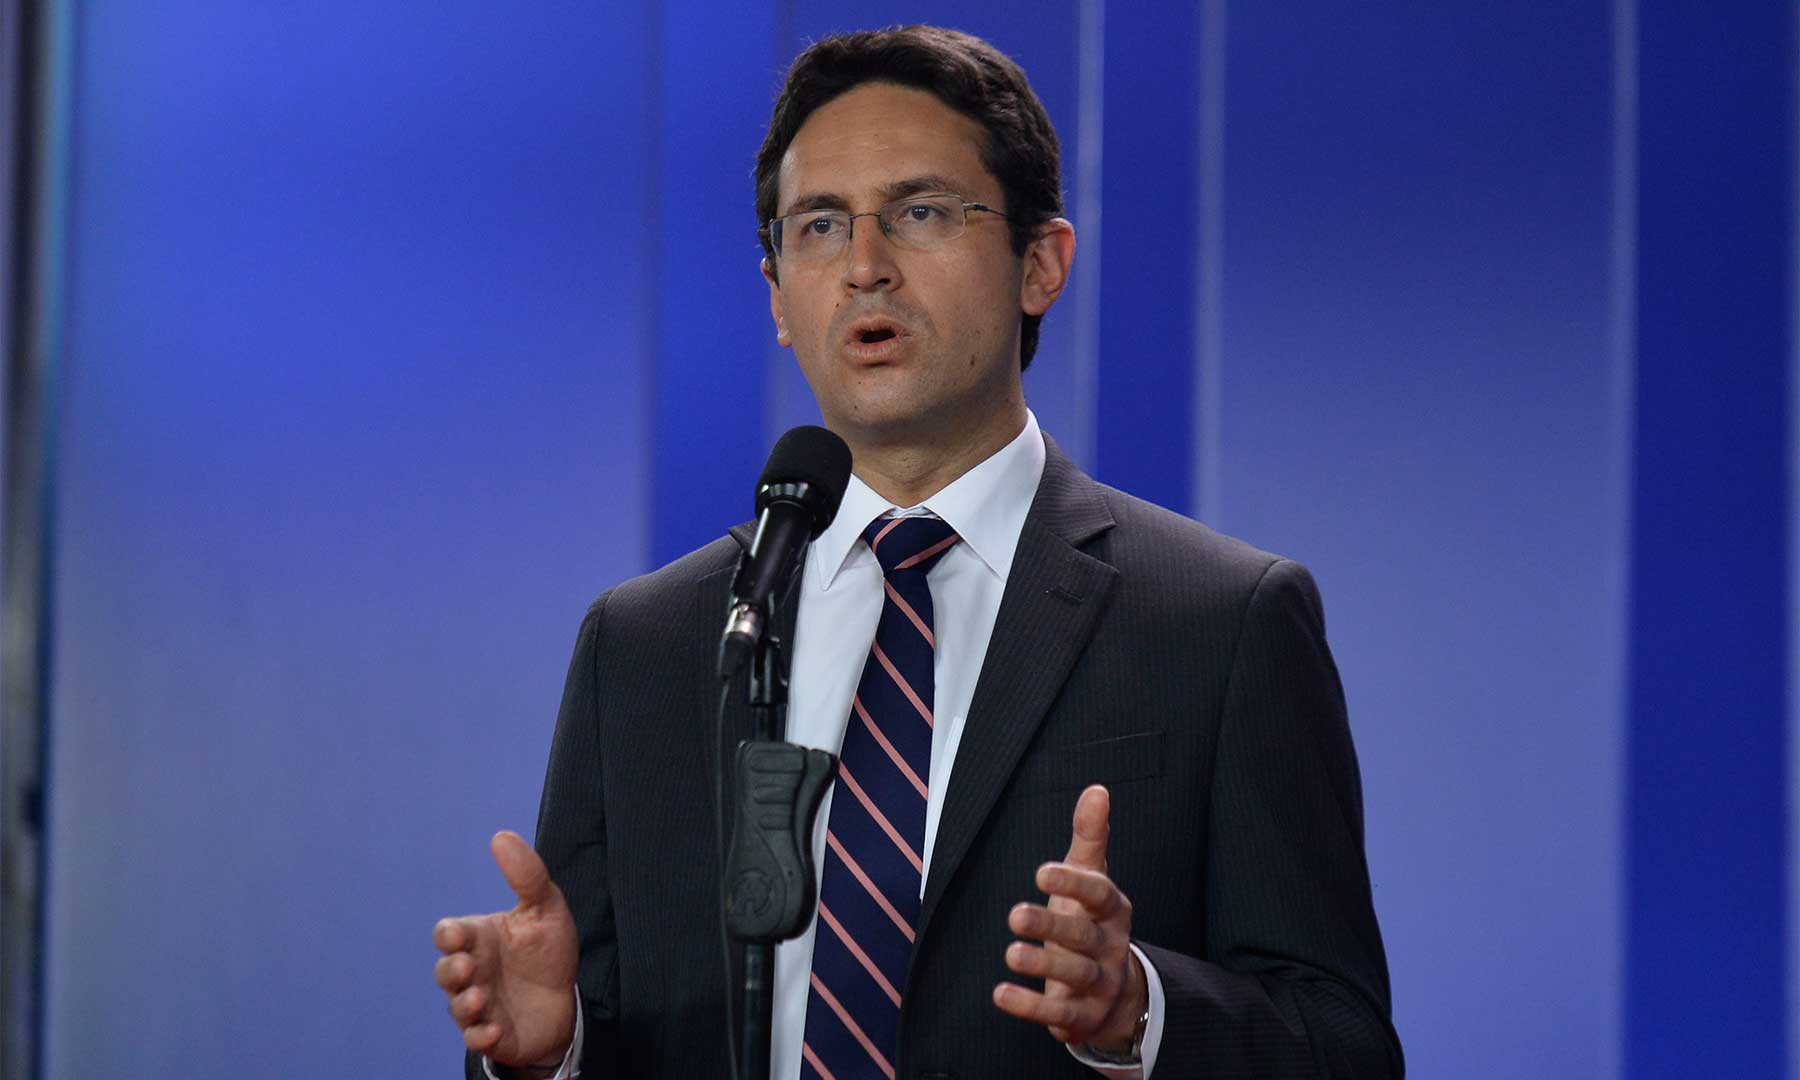 El Secretario de Transparencia de la Presidencia, Camilo Enciso, entregó este viernes una declaración en la Casa de Nariño acerca de las denuncias relacionadas con la firma Odebrecht.